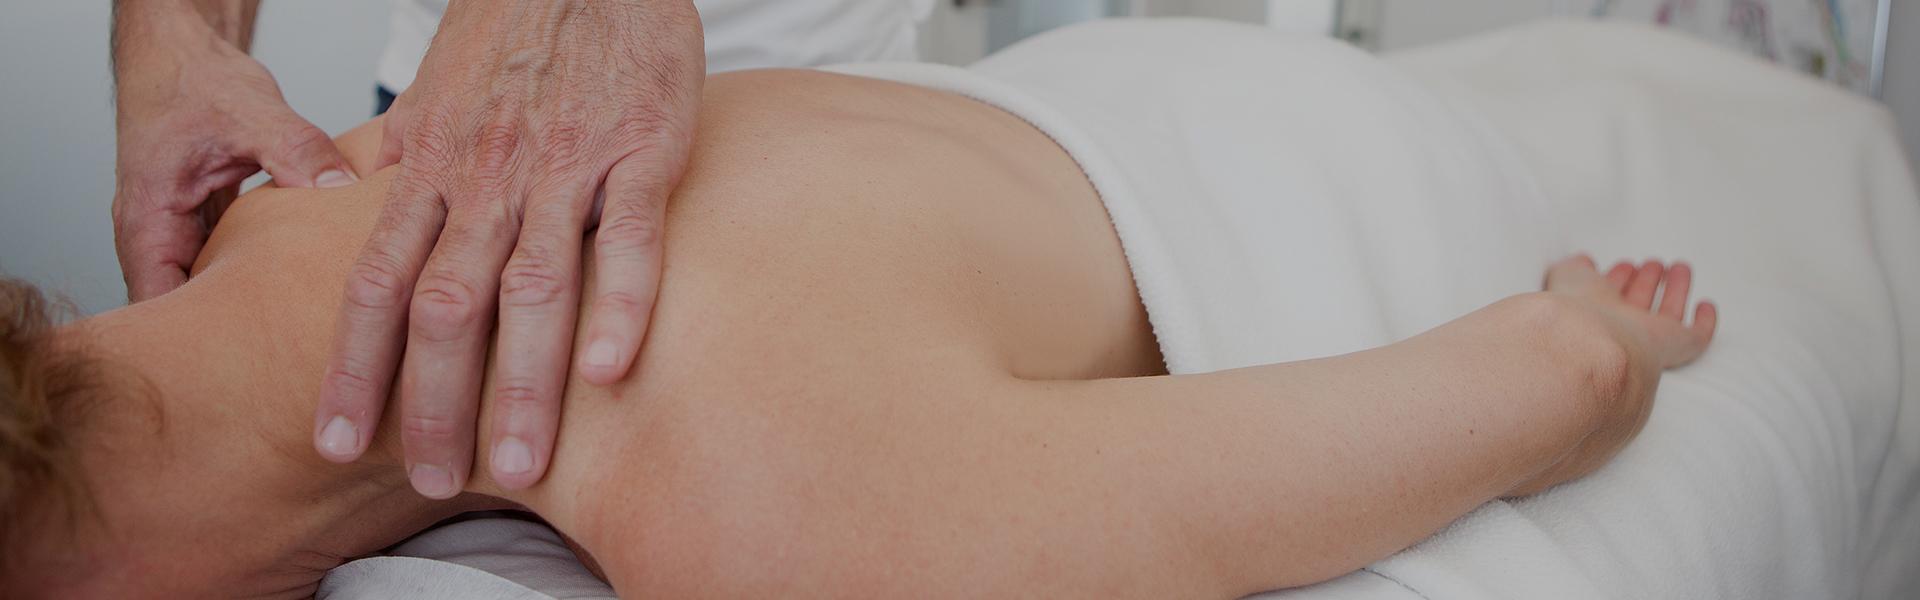 Tværfagligt behandlingscenter med kiropraktor